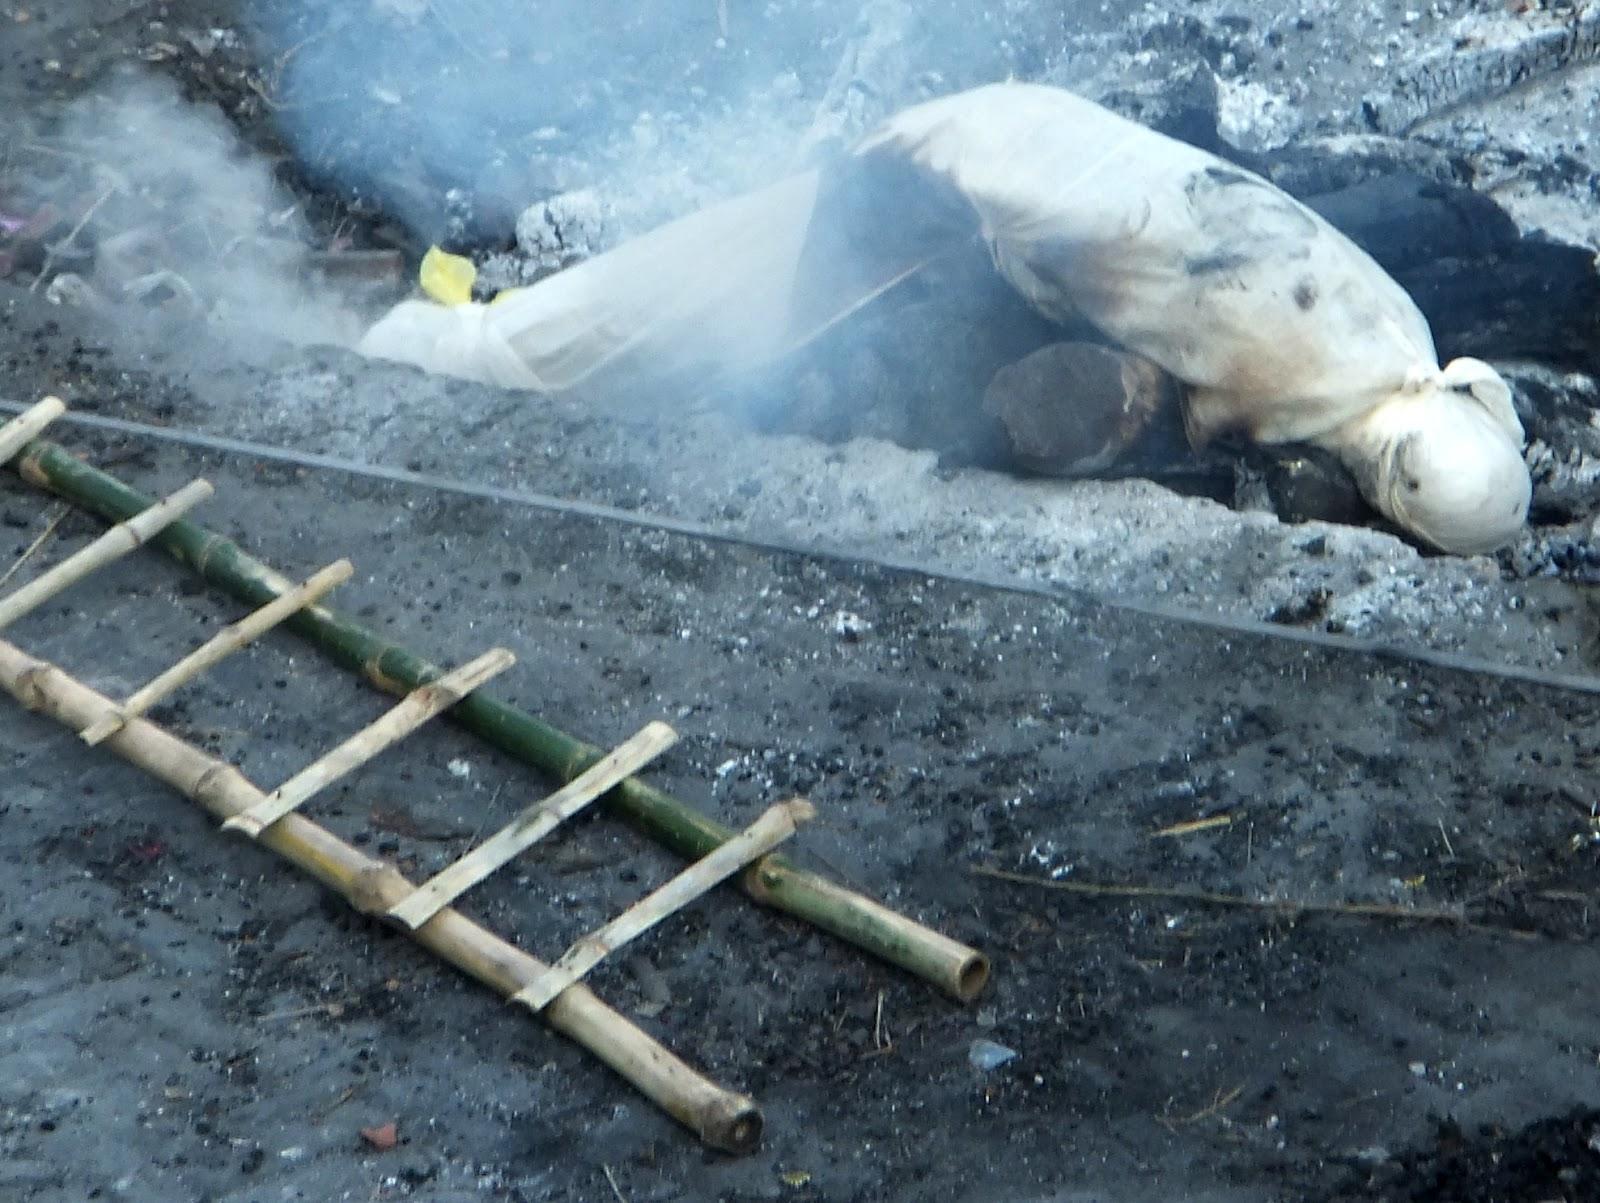 труп бедного индуса ждет кремации